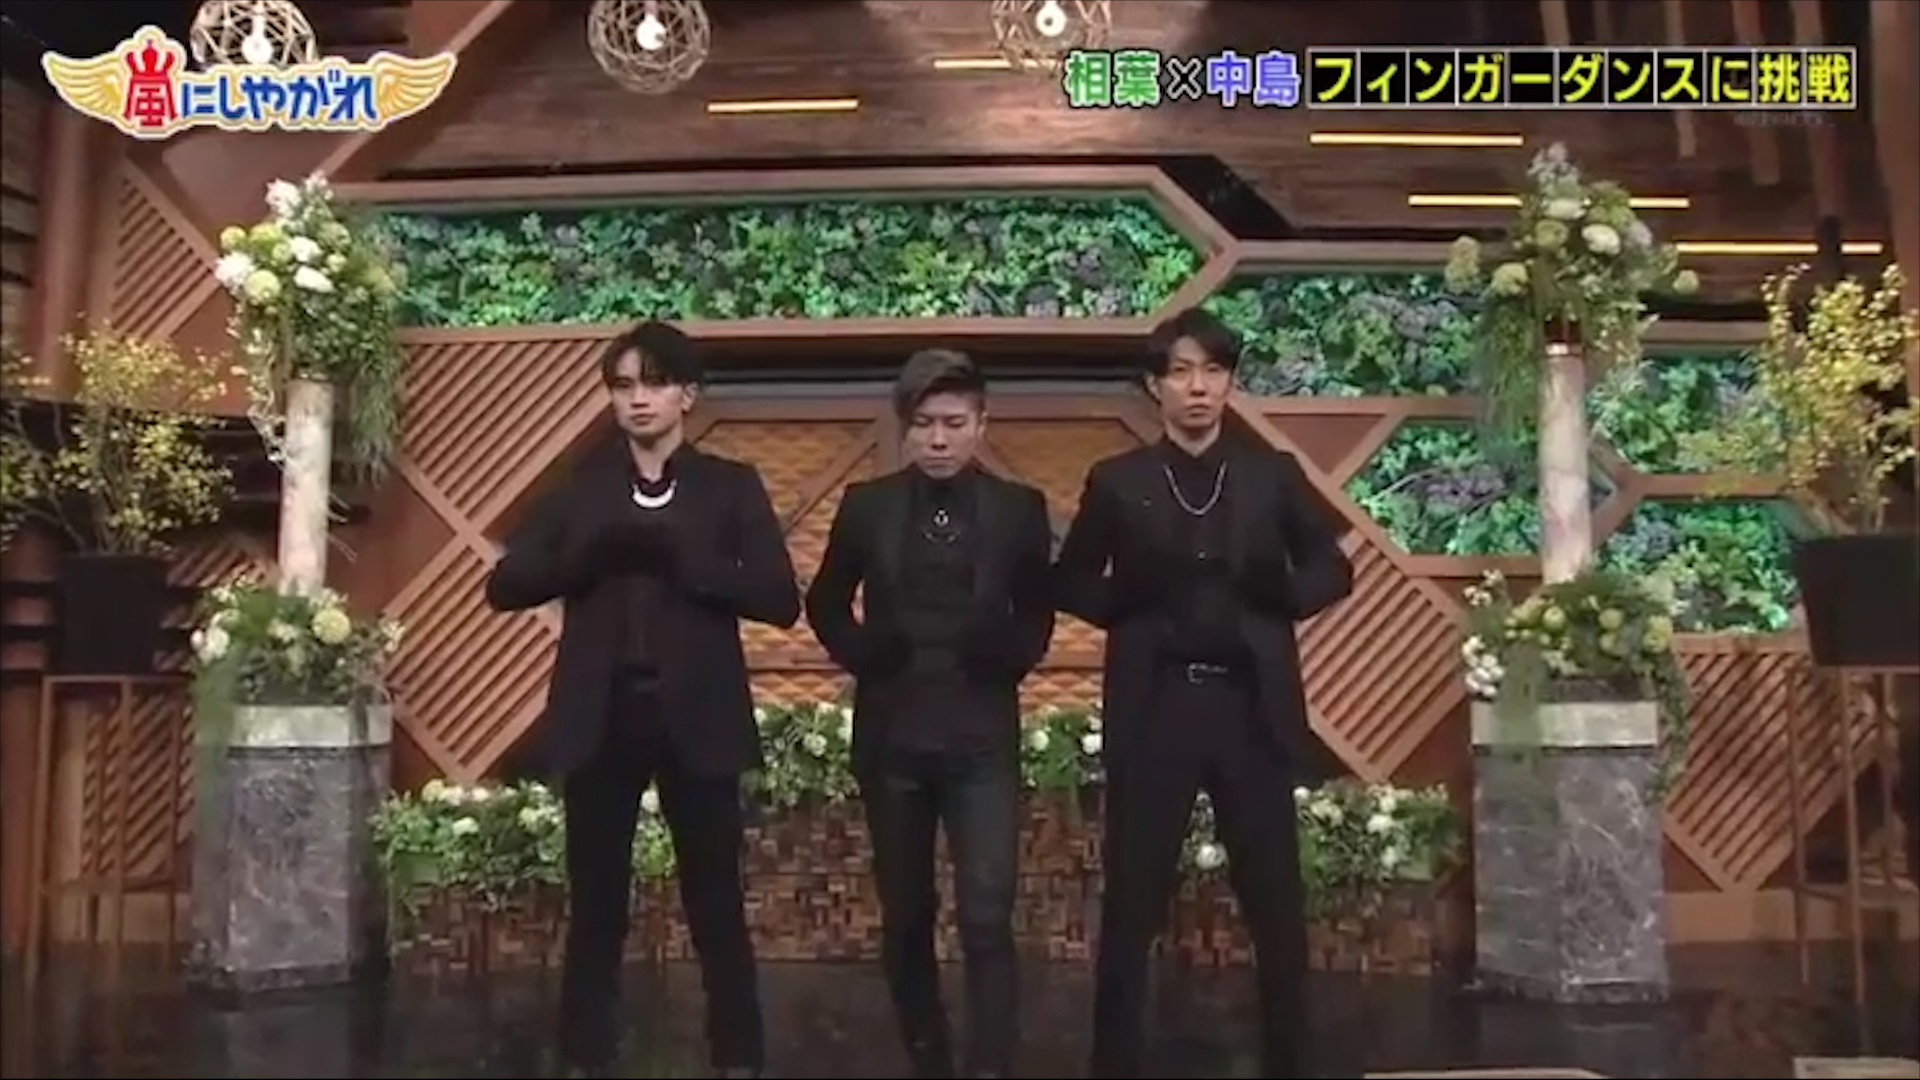 相葉さん中島さんとXTRAPフィンガーダンス「嵐にしやがれ」出演